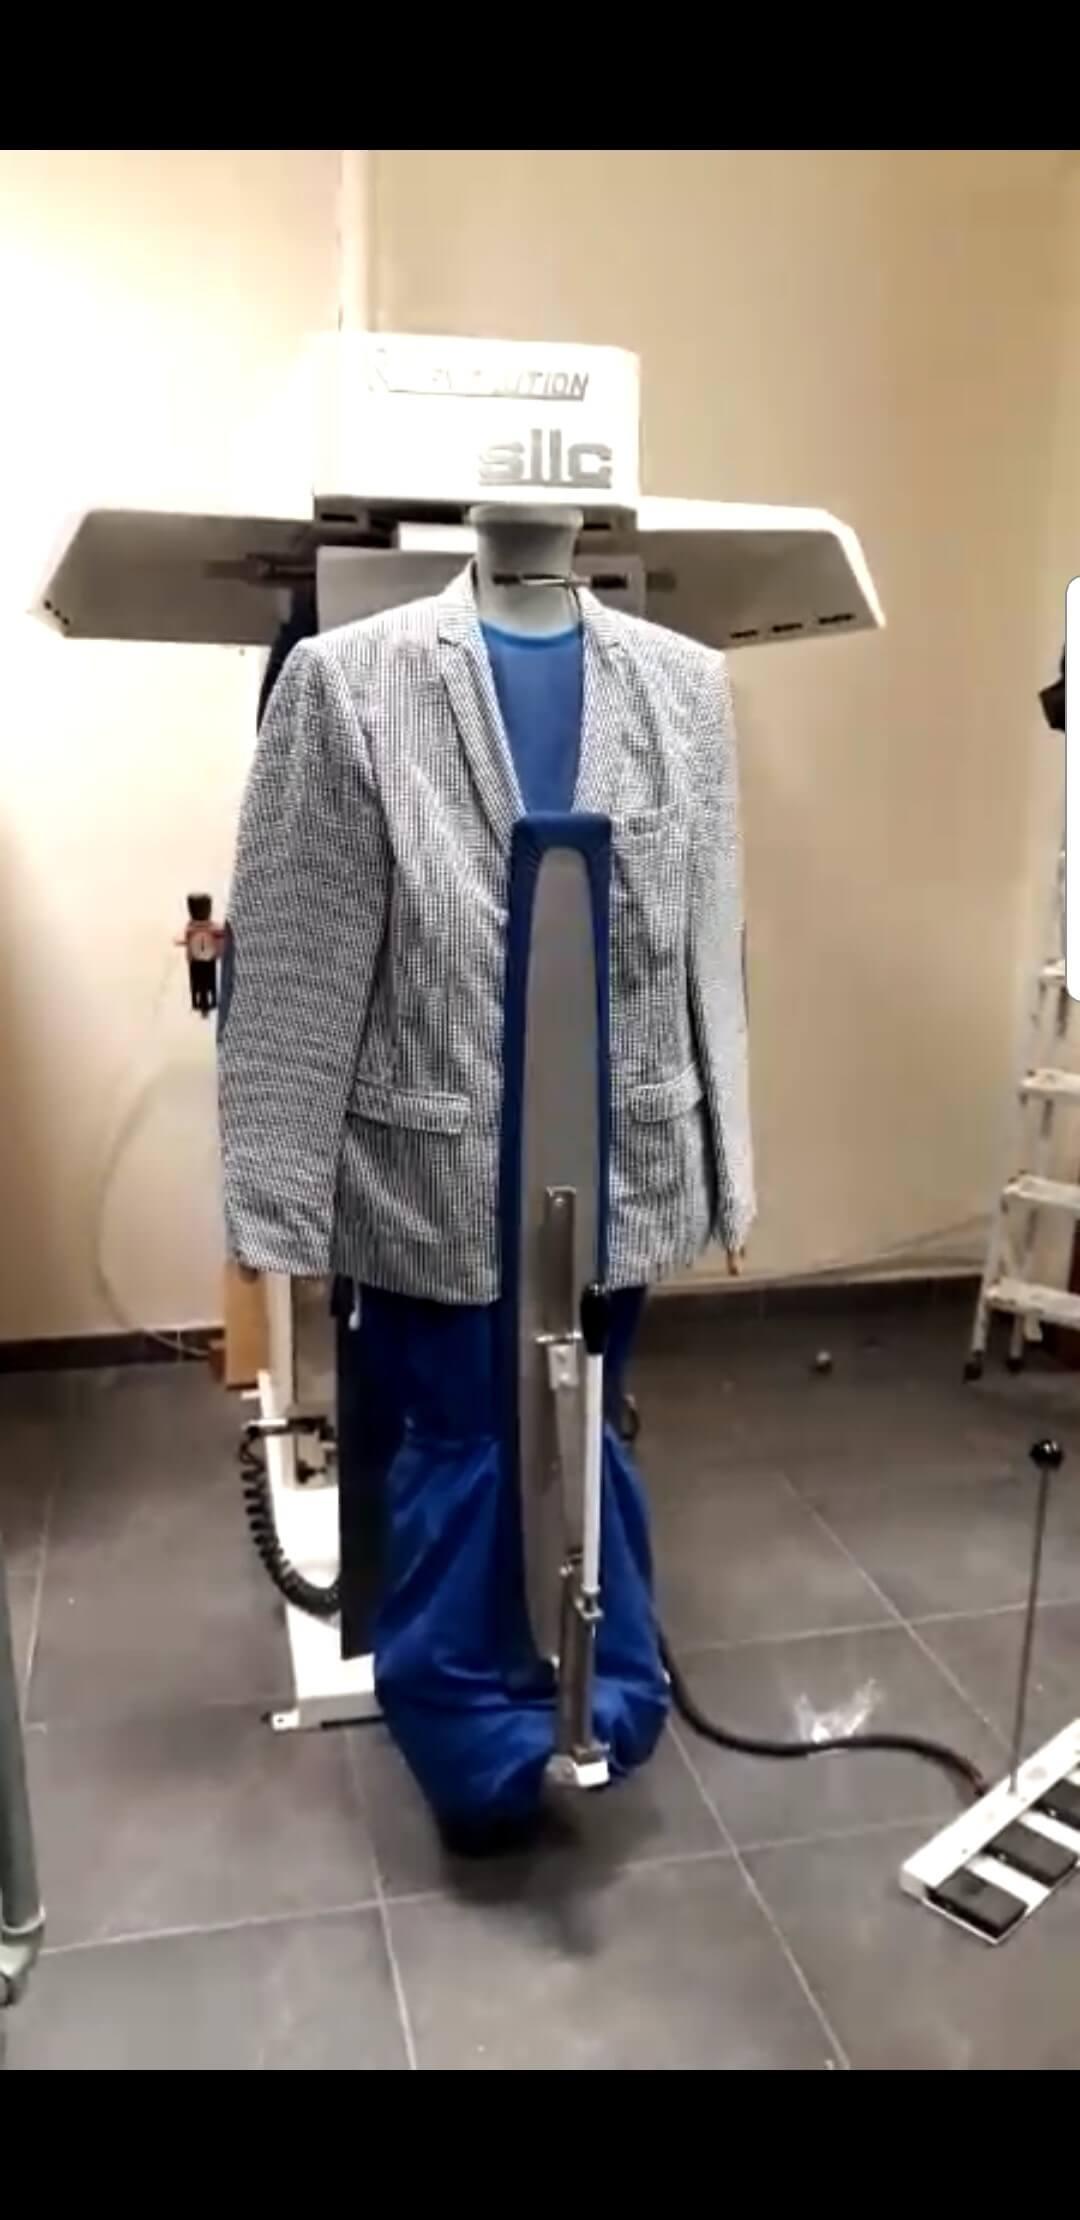 topper manichino giacca pantalone € 1800